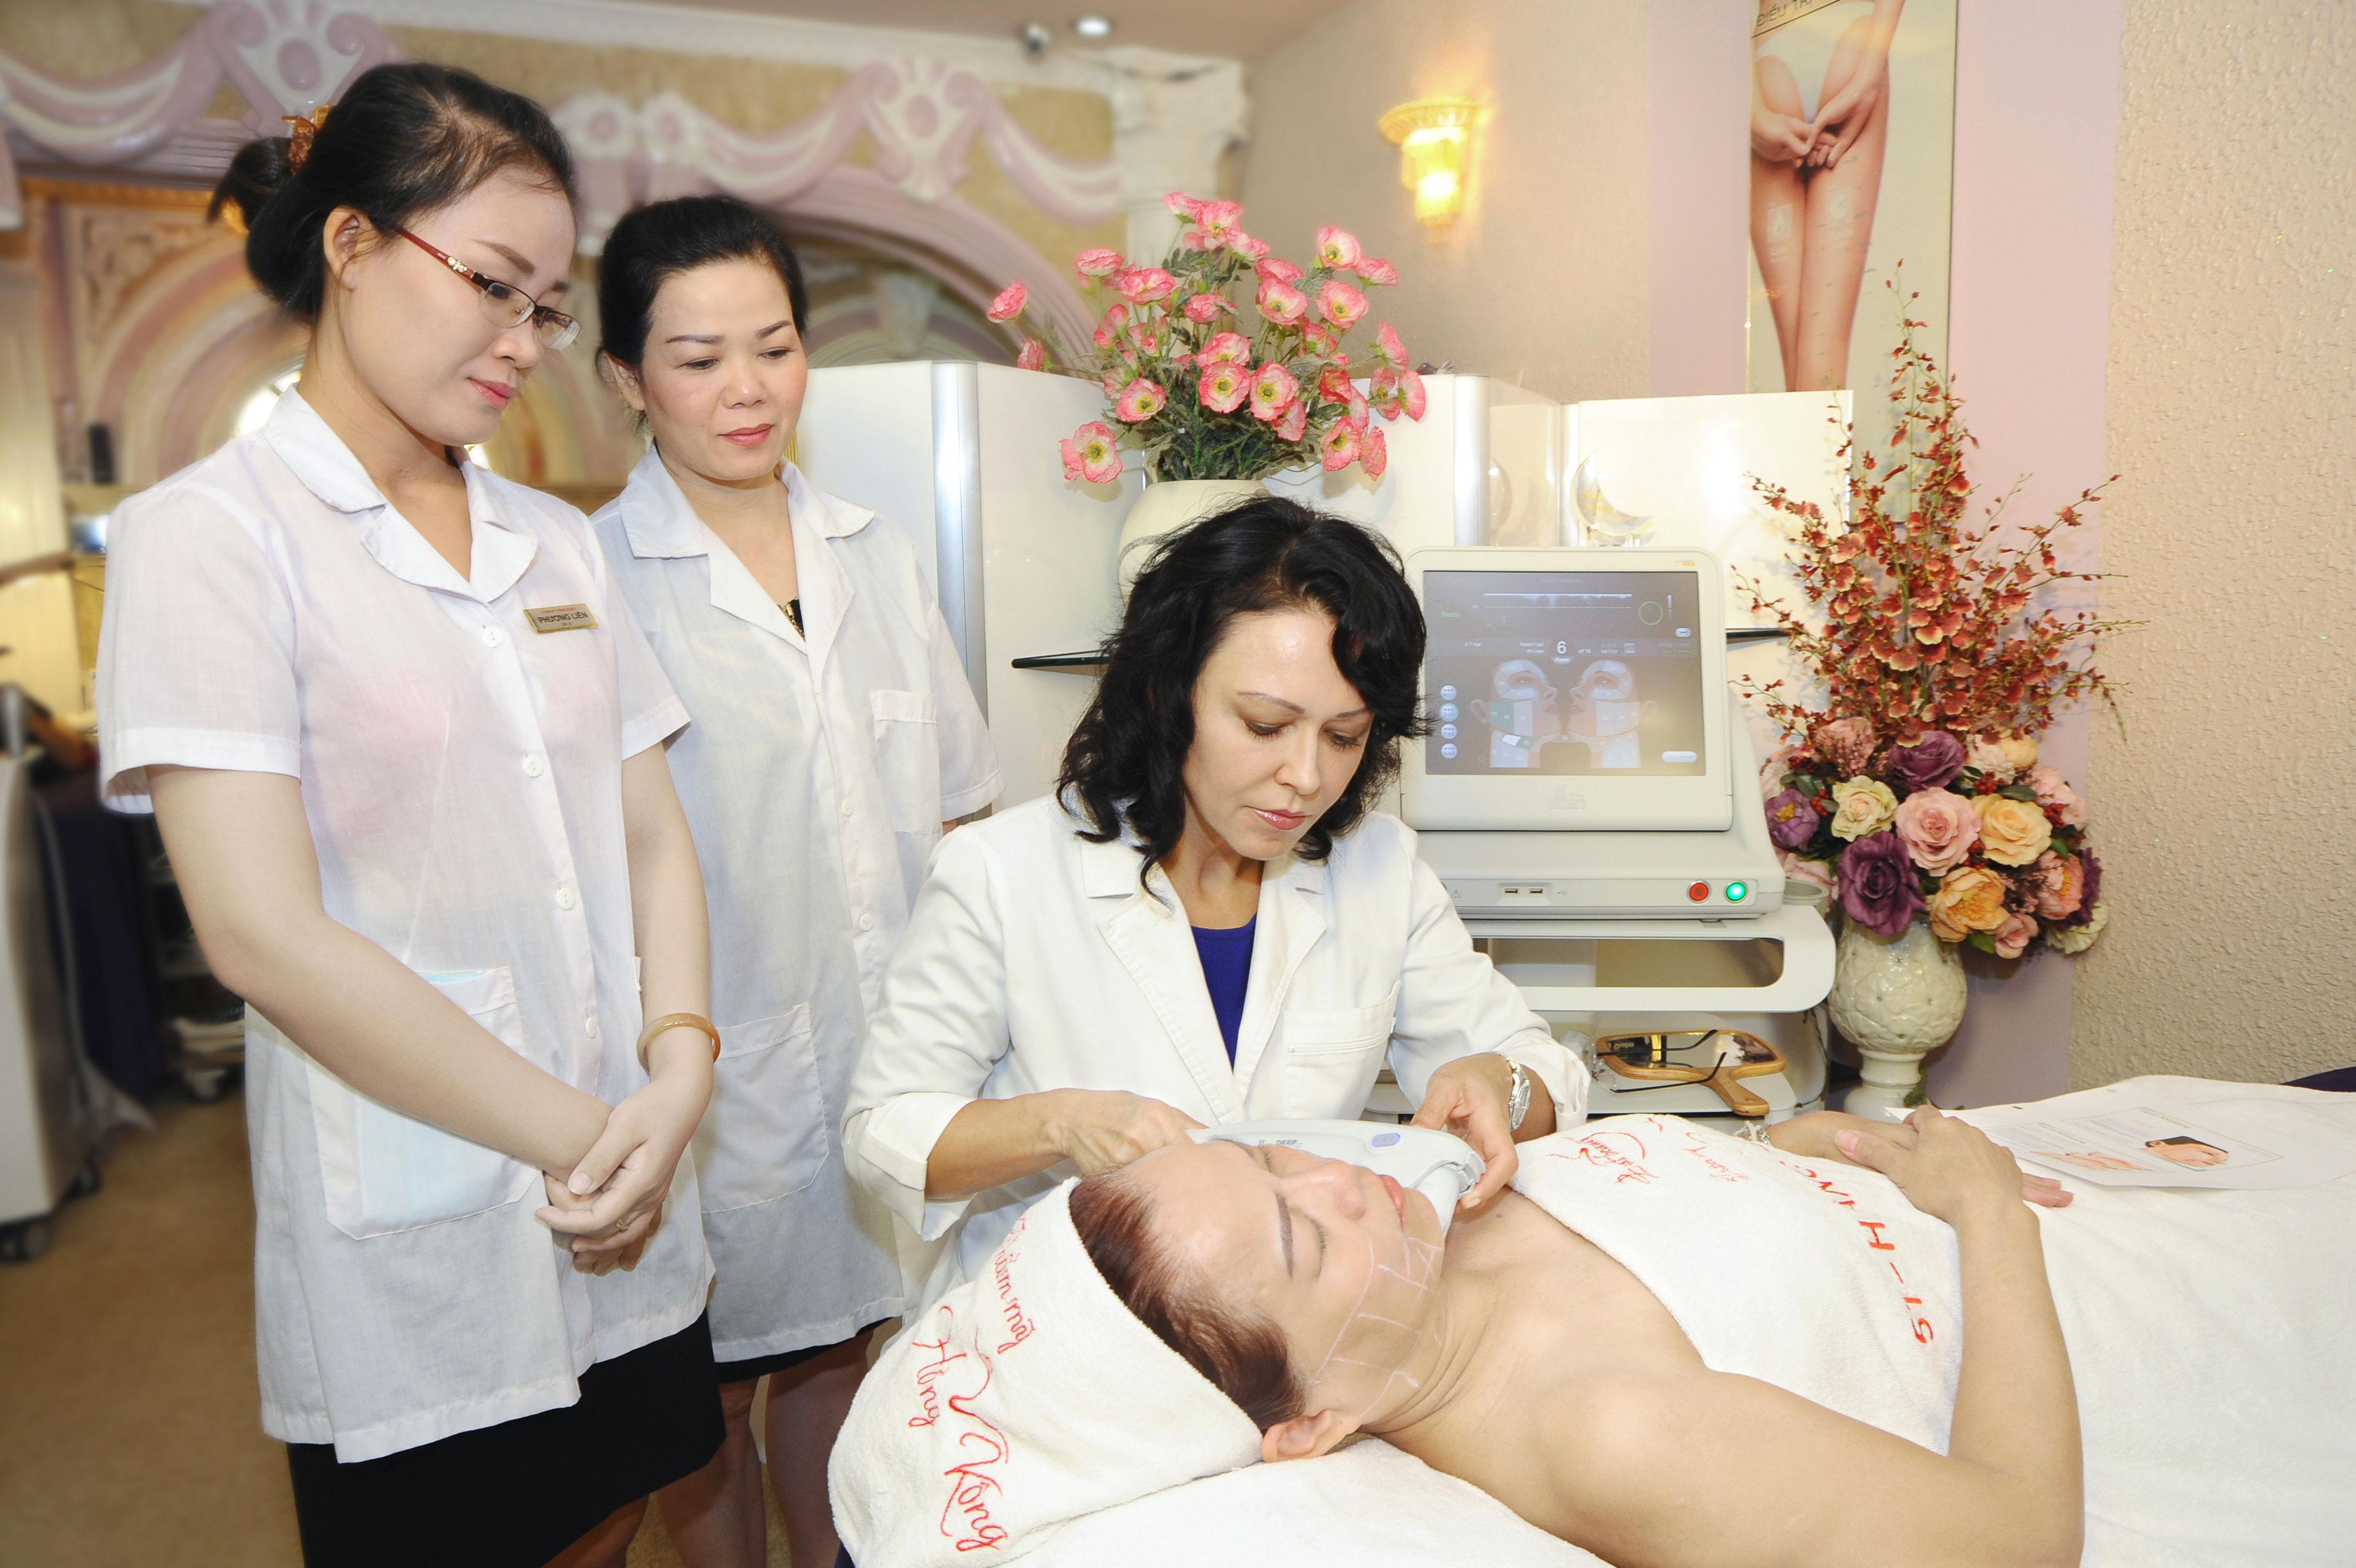 Chuyên gia lựa chọn đầu Tip phù hợp di chuyển nhẹ nhàng xung quanh vùng da cần điều trị.